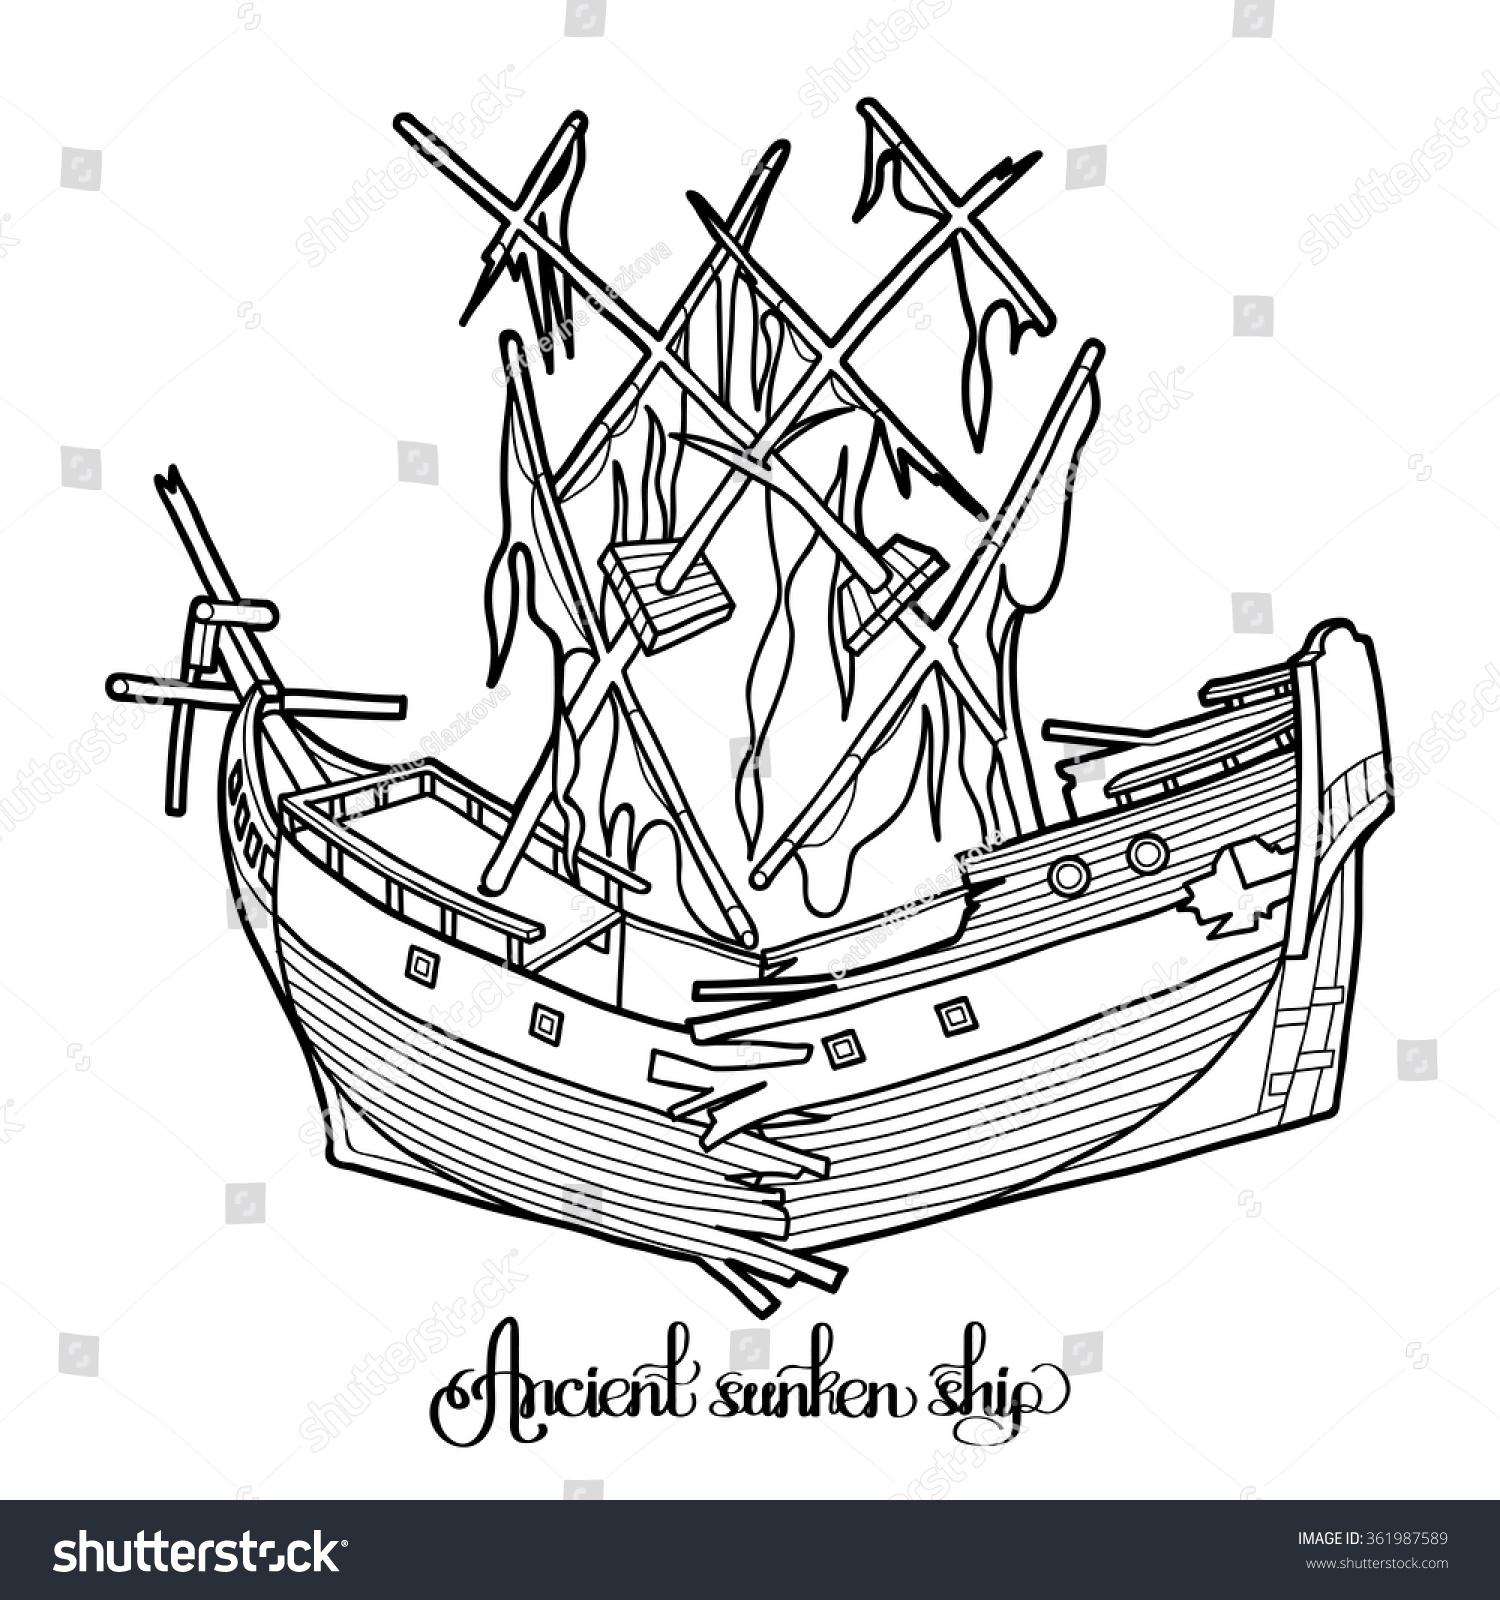 ancient broken sunken ship graphic vector stock vector